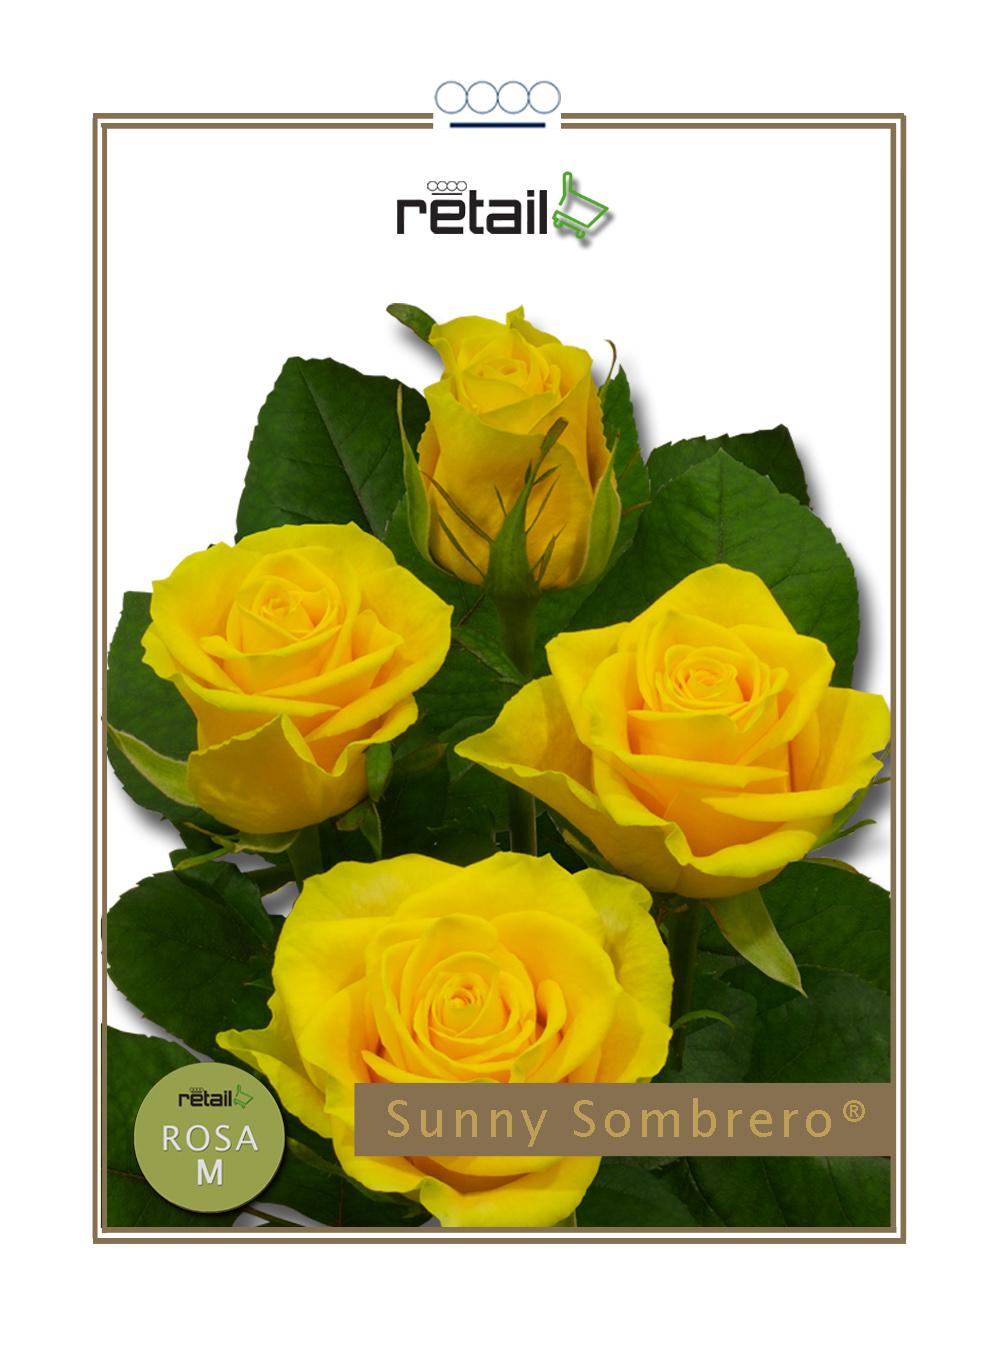 Sunny Sombrero®